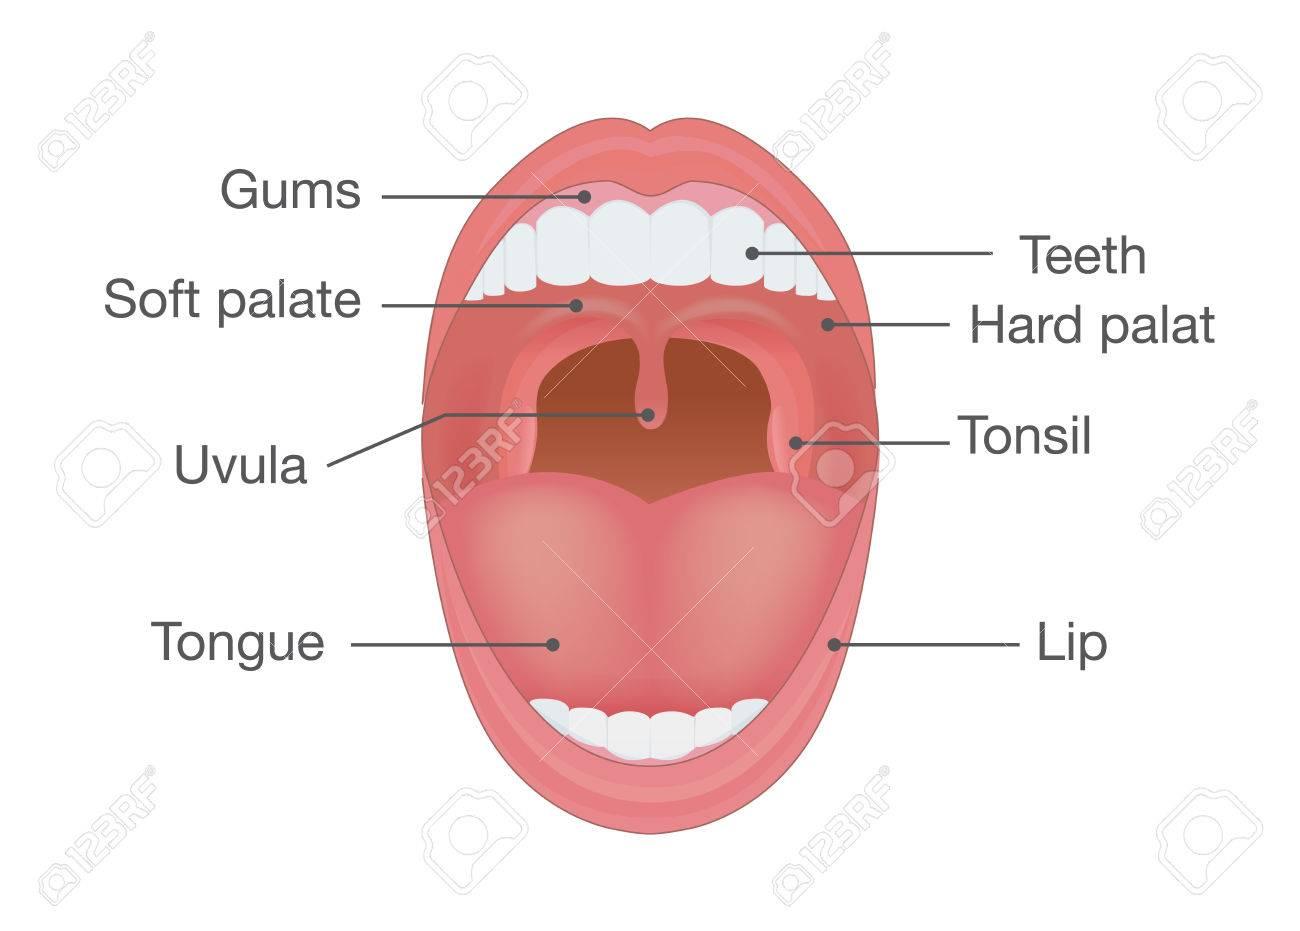 Anatomie Bouche anatomie de la bouche humaine. illustration sur le détail du corps